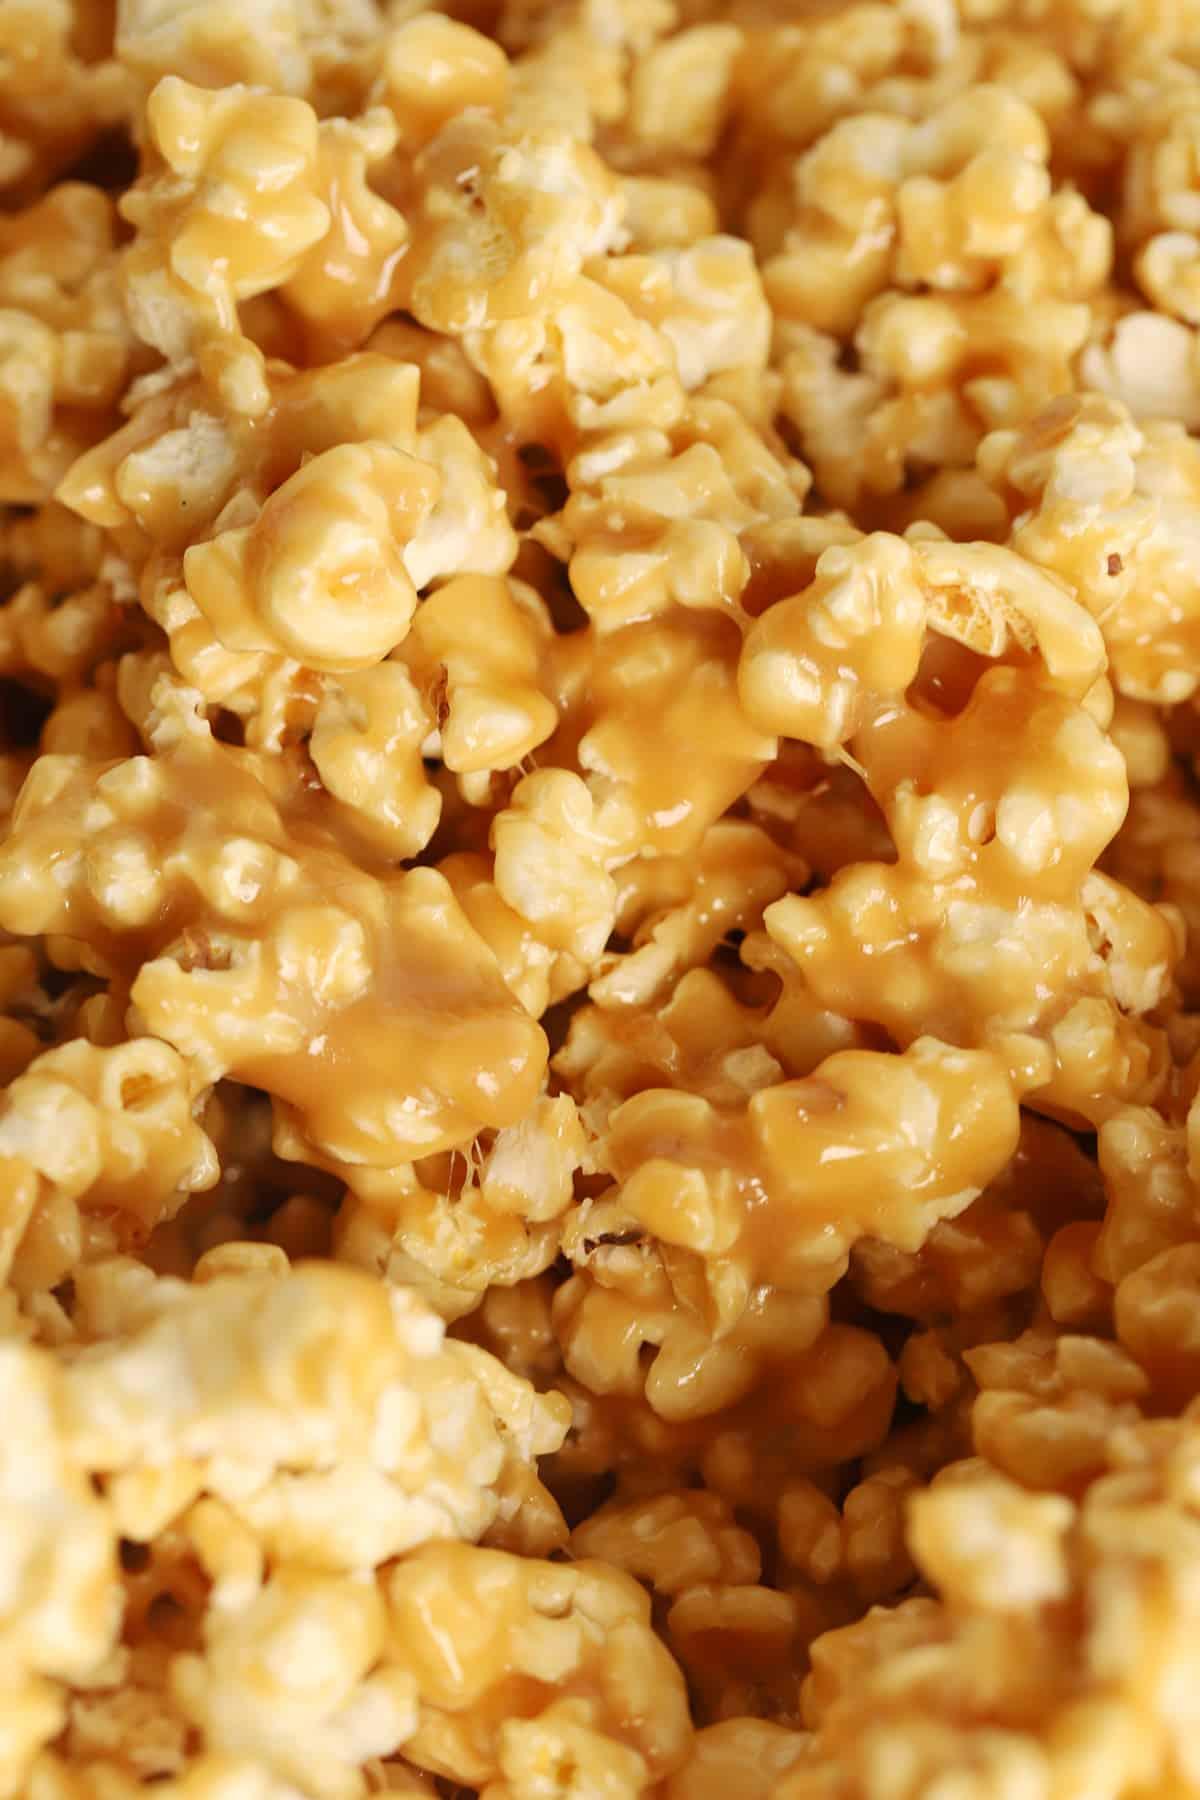 A closeup photo of caramel popcorn.